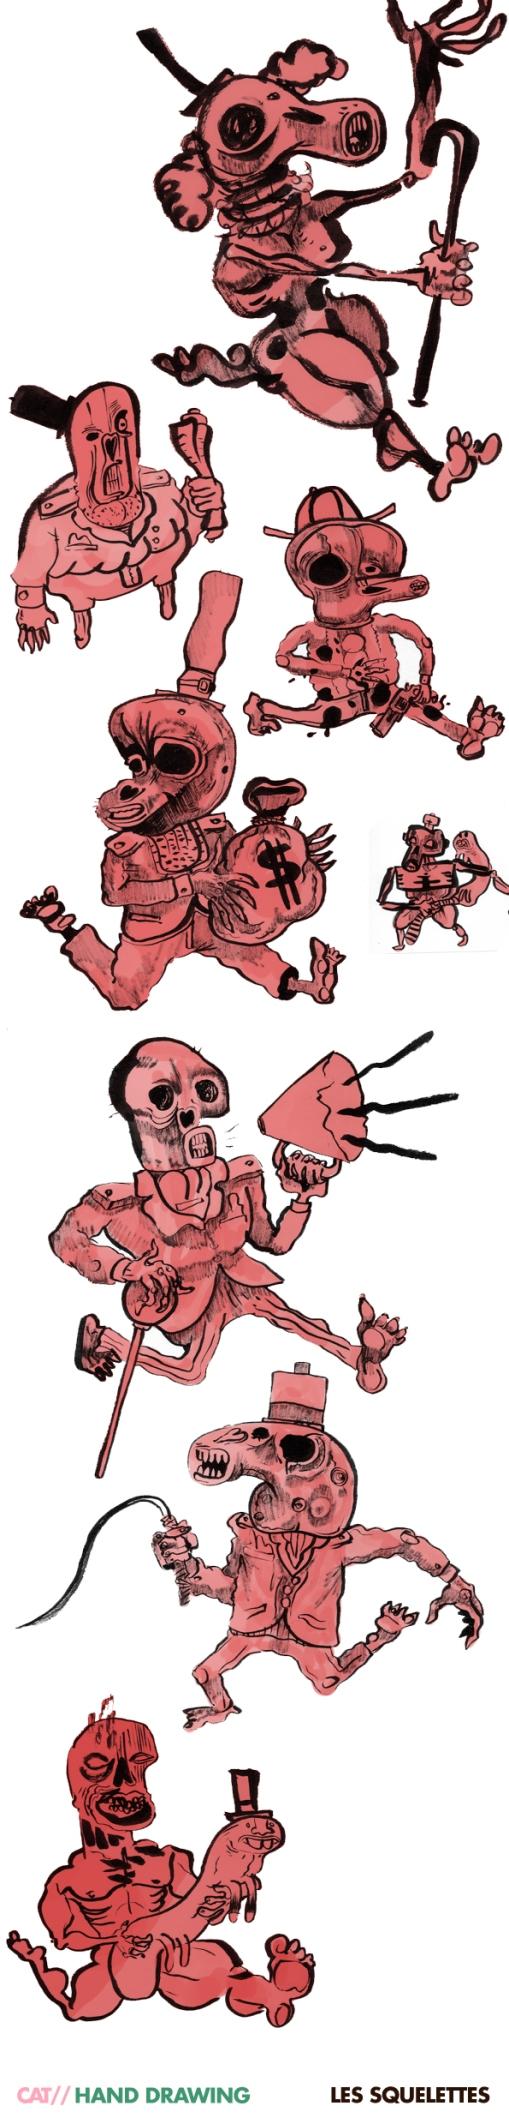 HD_LesSquelettes